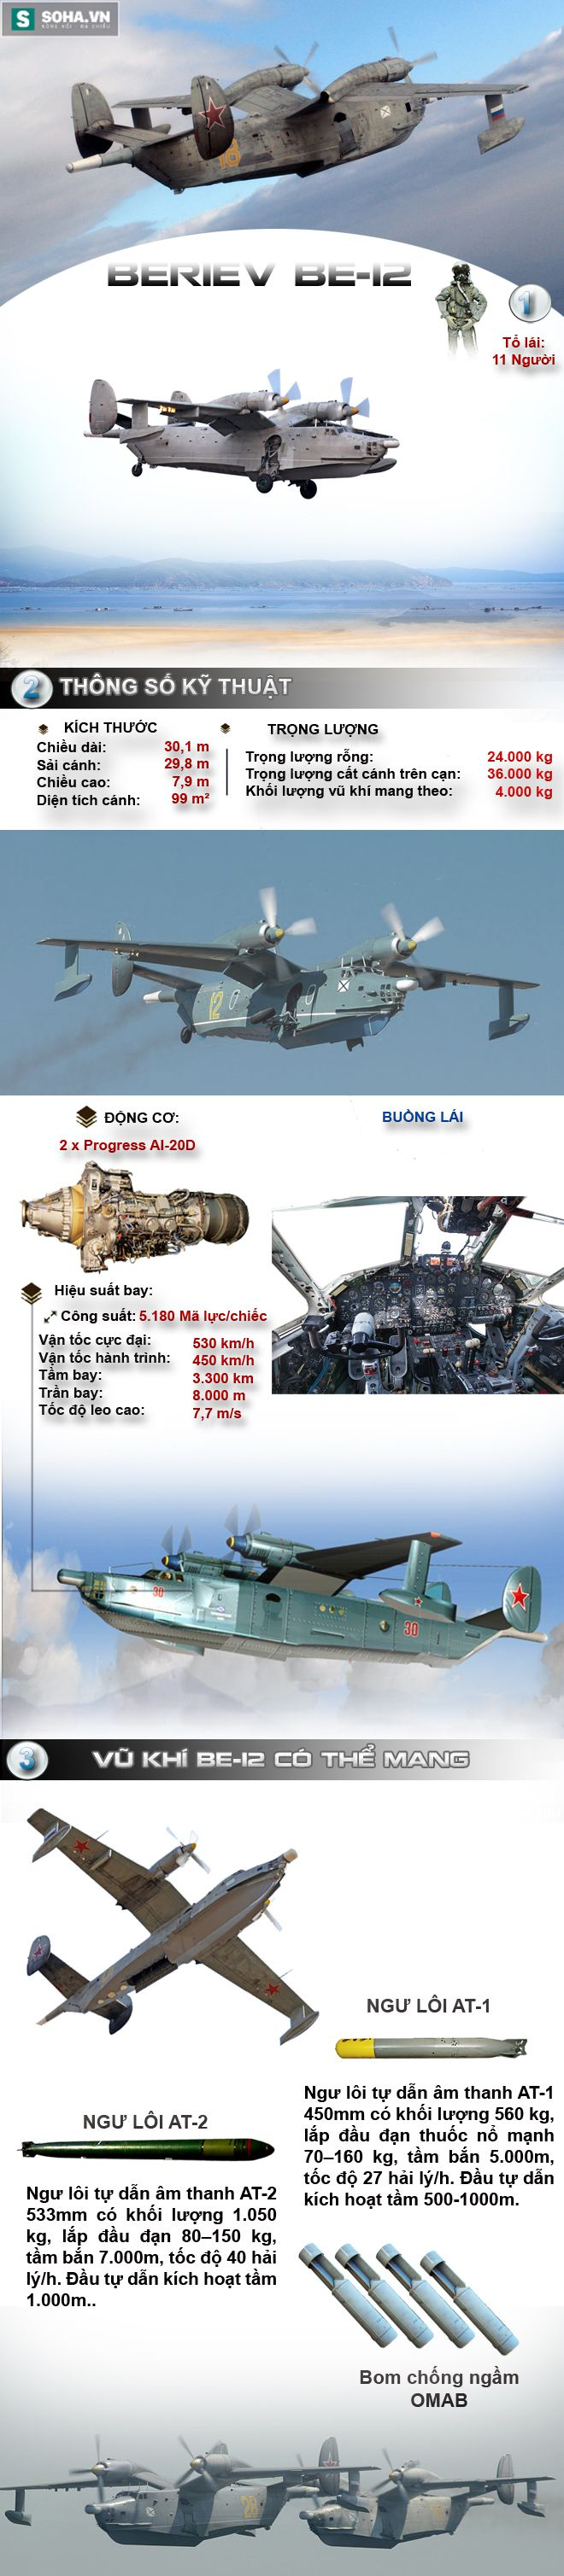 Sát thủ tàu ngầm một thời của Không quân Hải quân Việt Nam - Ảnh 1.